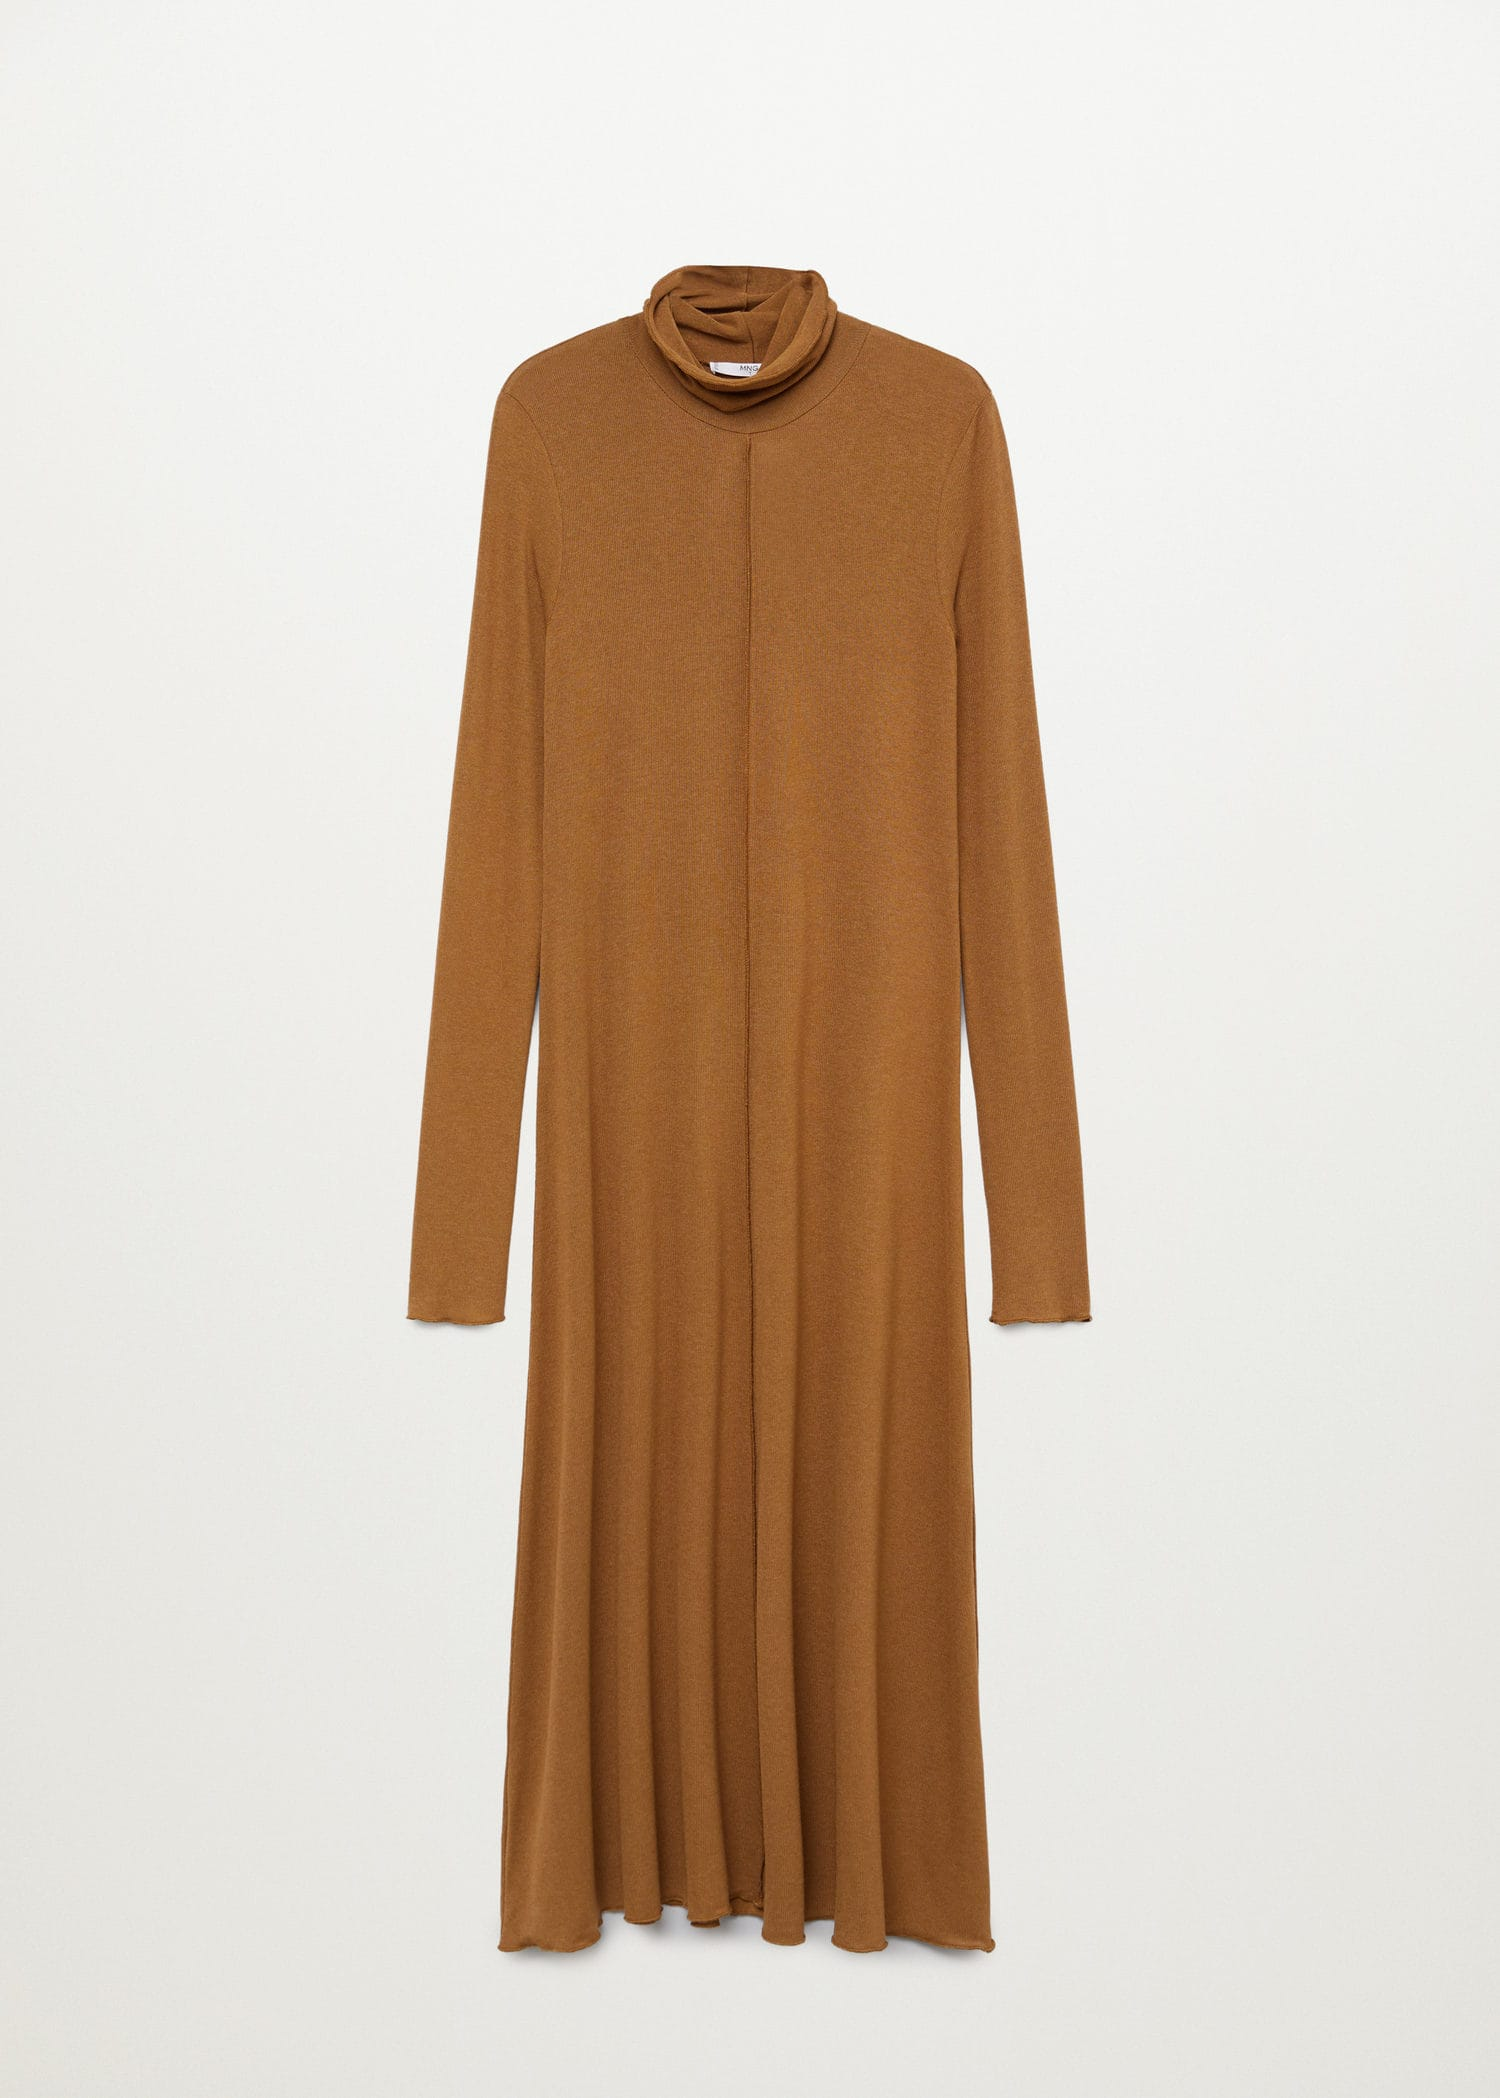 lange kleider - kleider für damen 2020 | mango deutschland